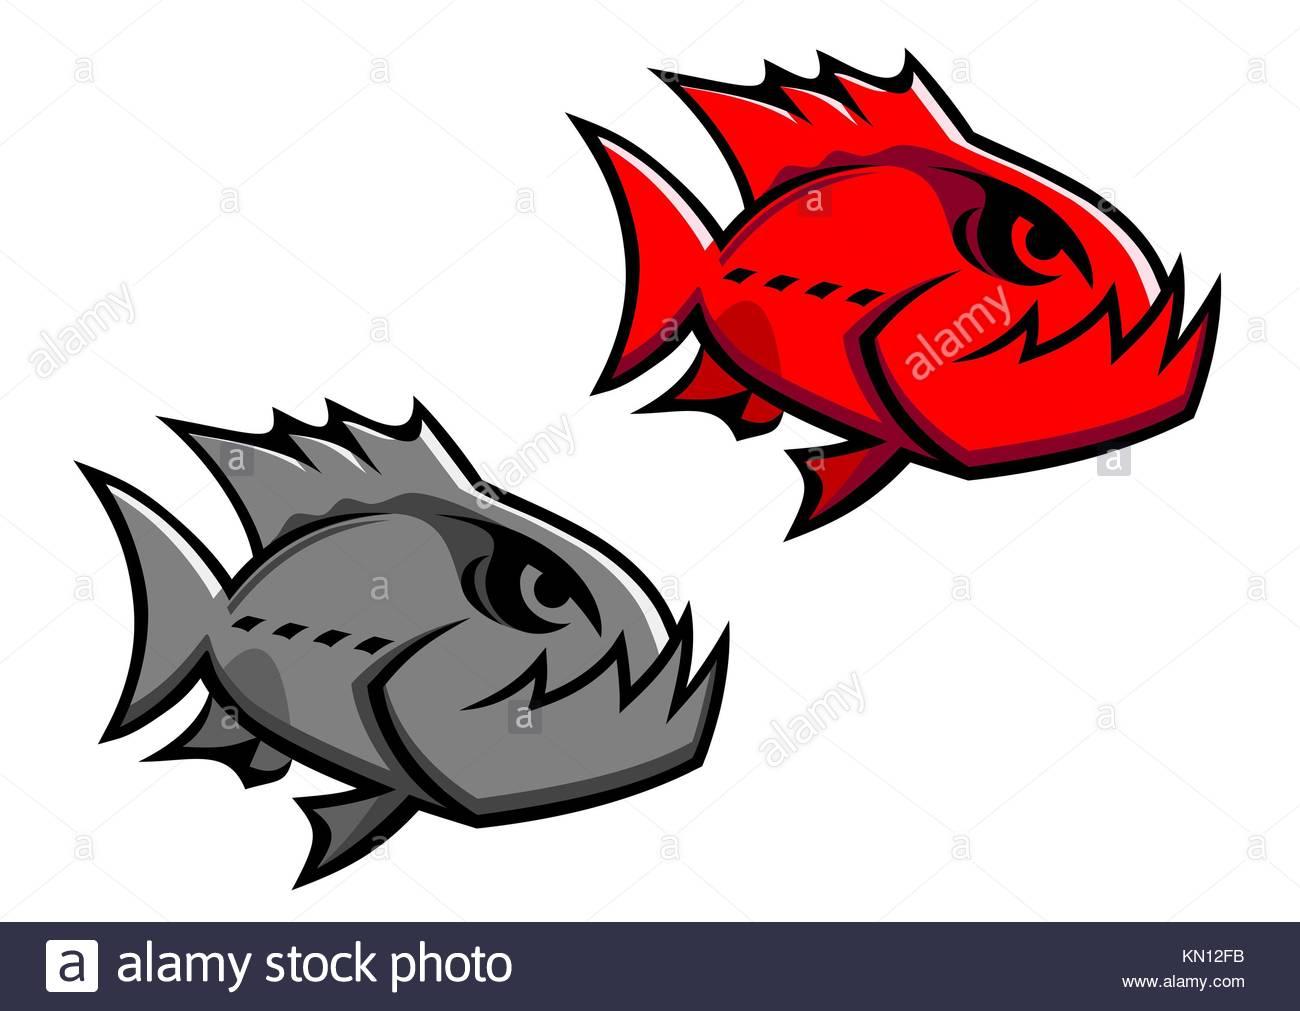 Cartoon Piranha Stock Photos & Cartoon Piranha Stock Images - Alamy